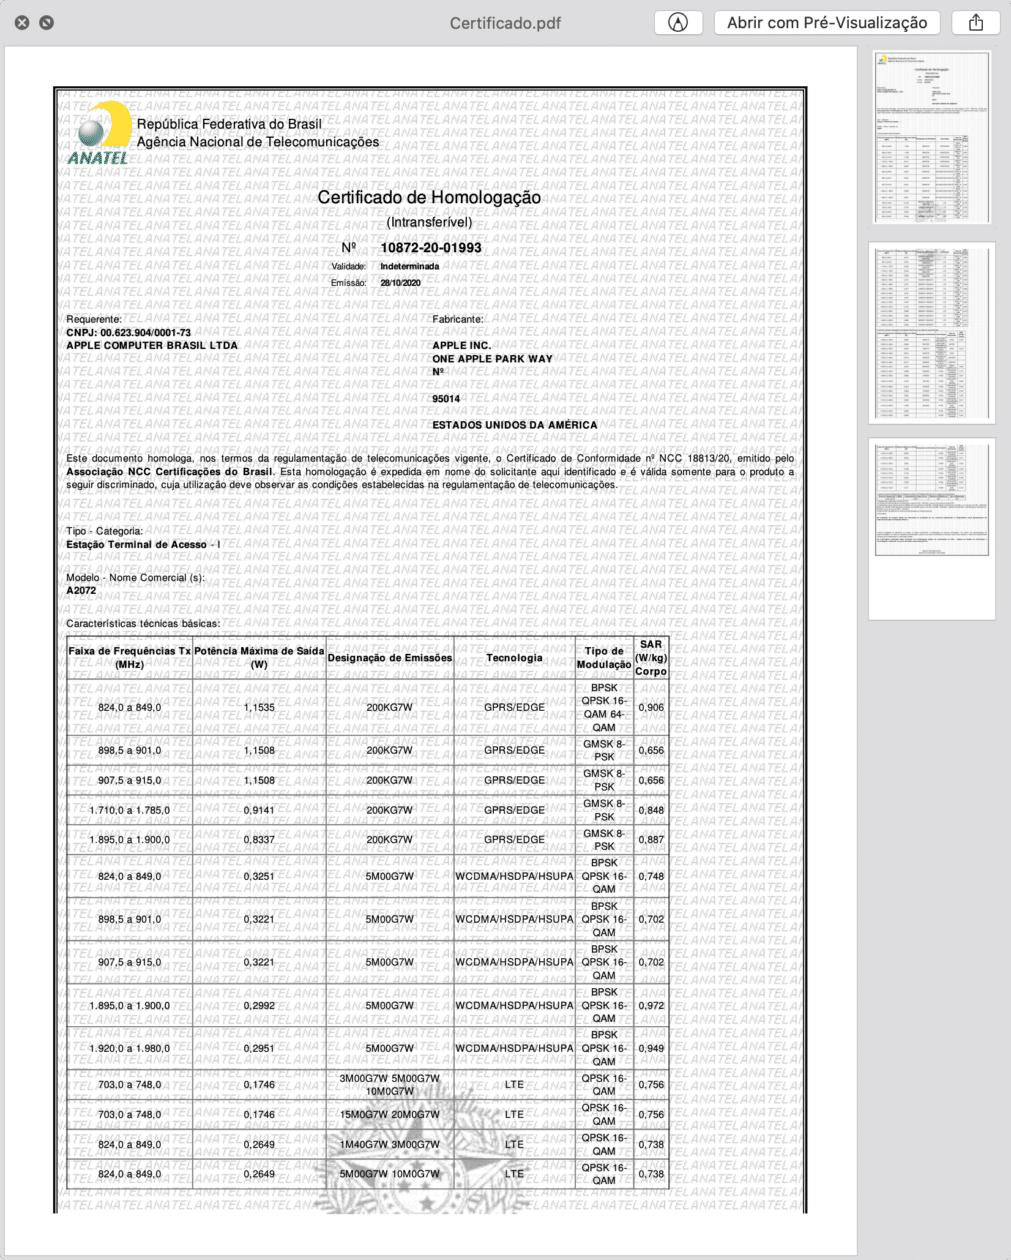 Certificado de Homologação do A2072